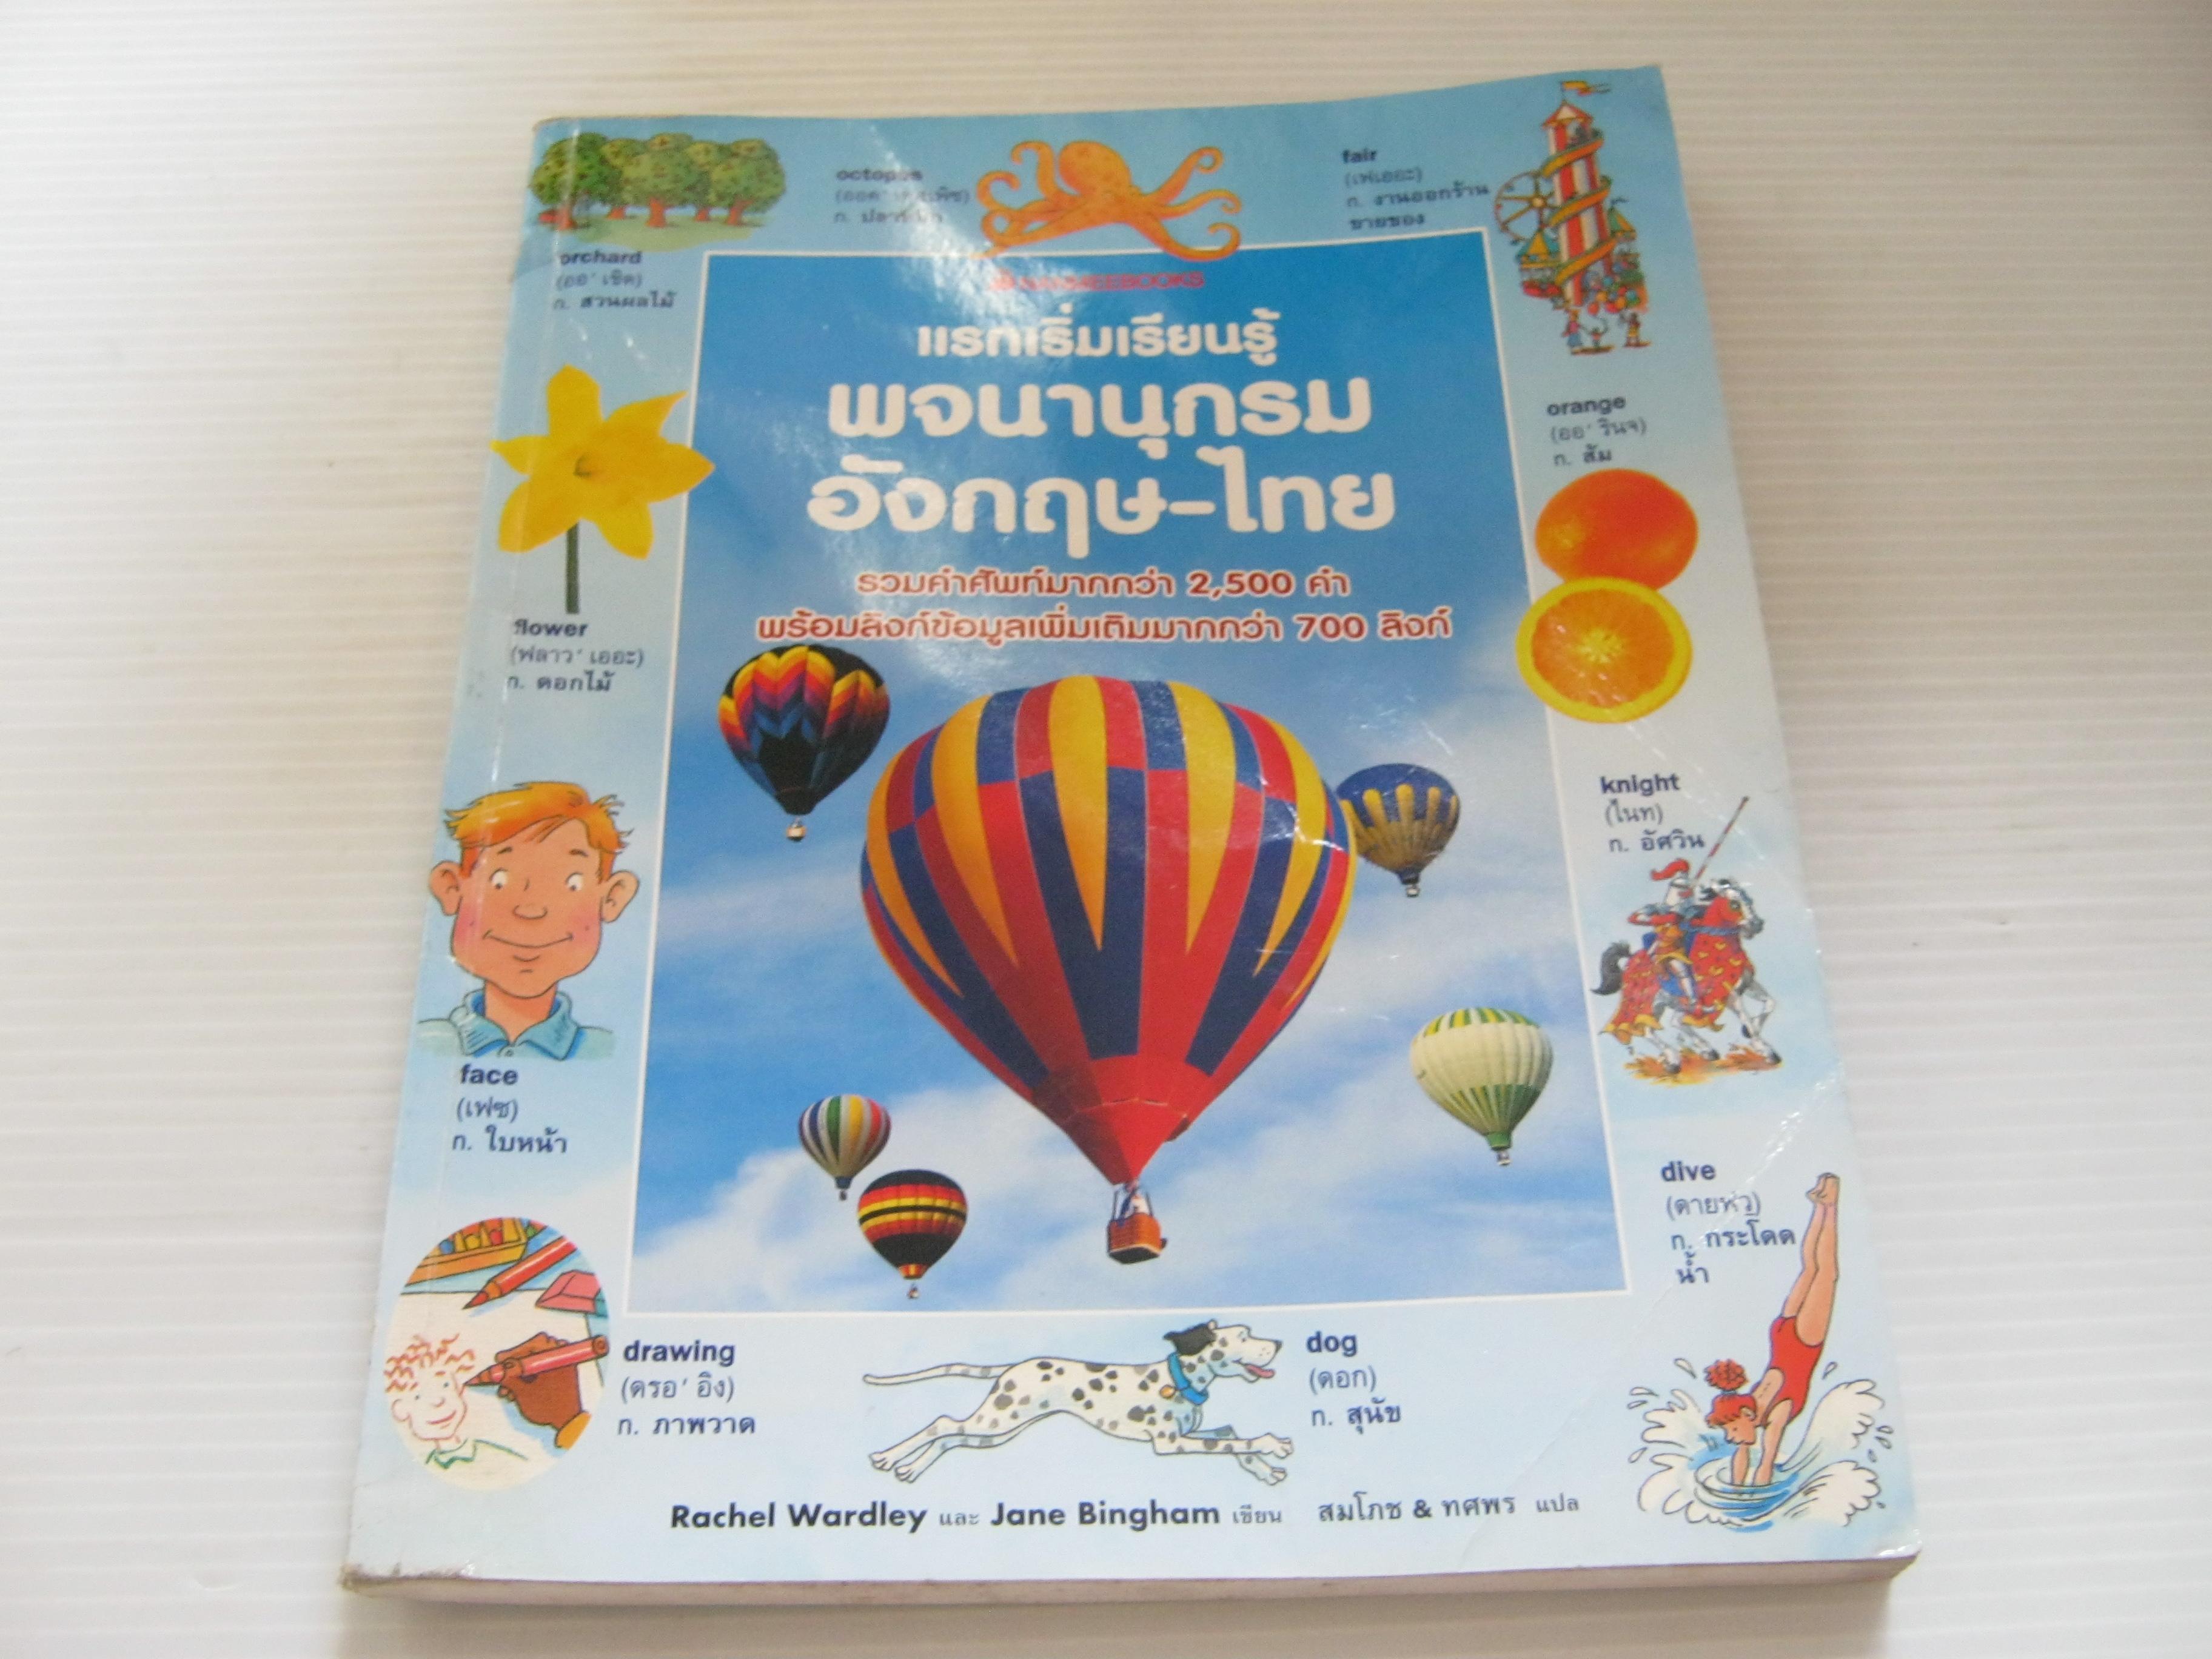 แรกเริ่มเรียนรู้ พจนานุกรม อังกฤษ-ไทย Rachel Wardley & Jane Bingham เขียน สมโภช & ทศพร แปล